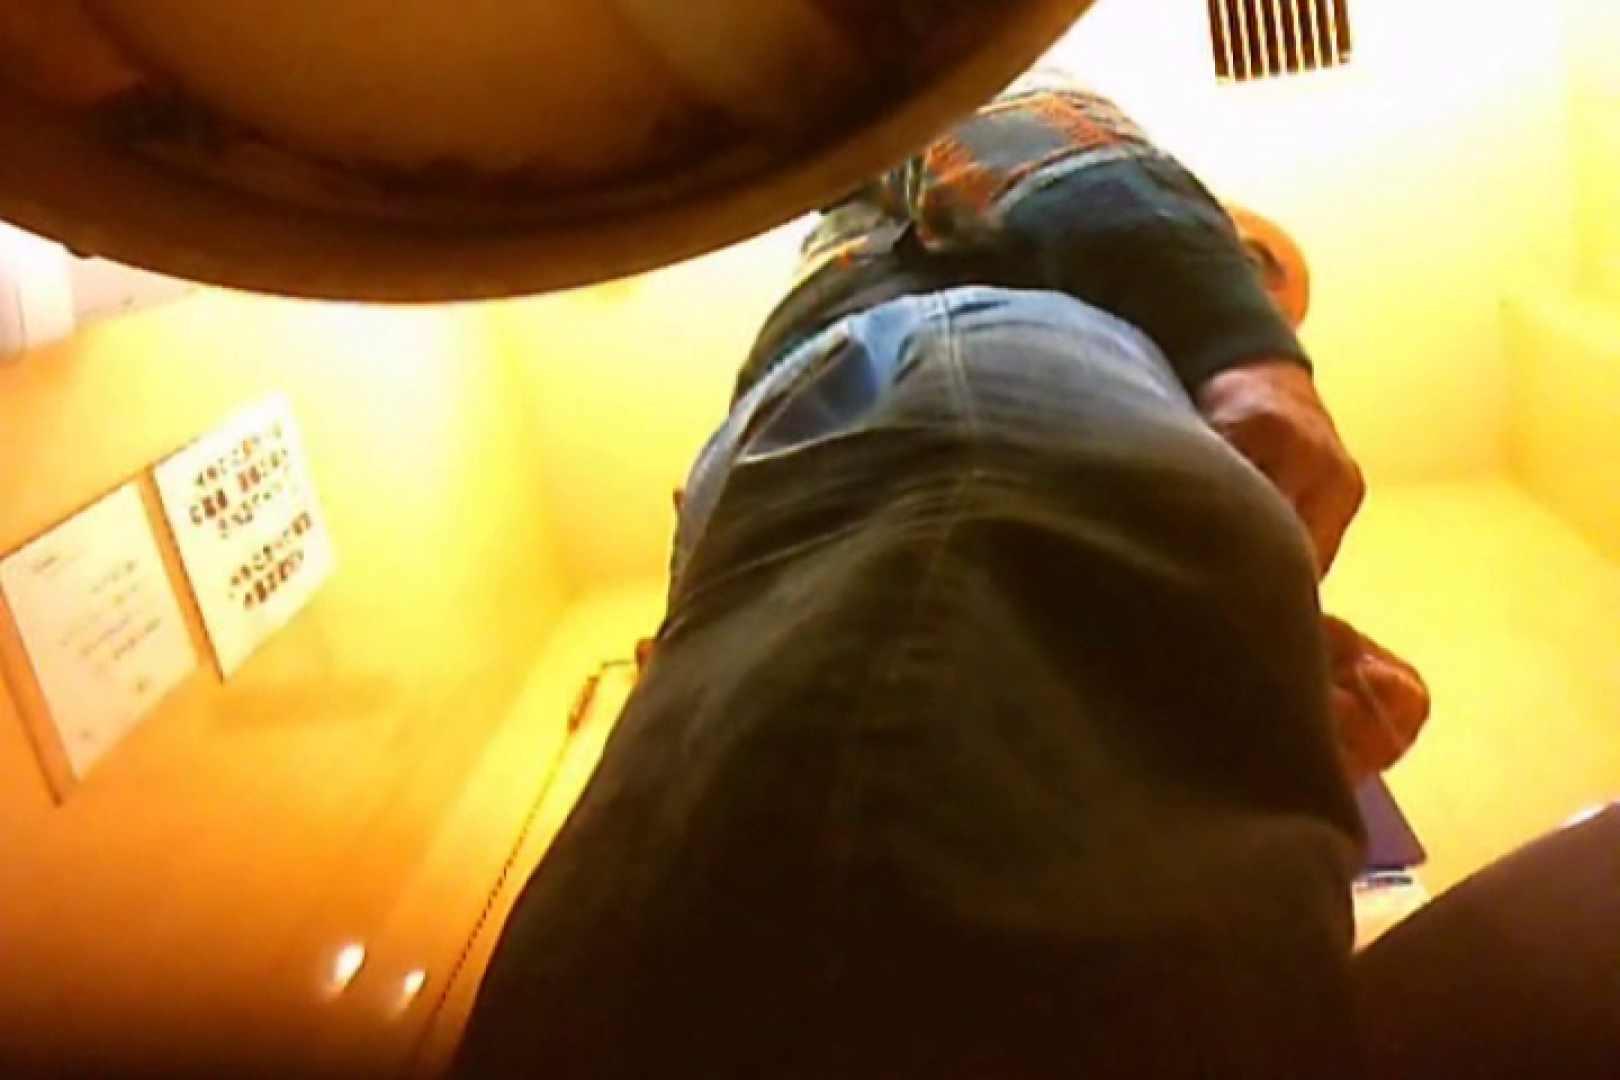 SEASON 3rd!掴み取りさんの洗面所覗き!in新幹線!VOL.09 完全無修正でお届け | ボーイズ私服  65pic 43